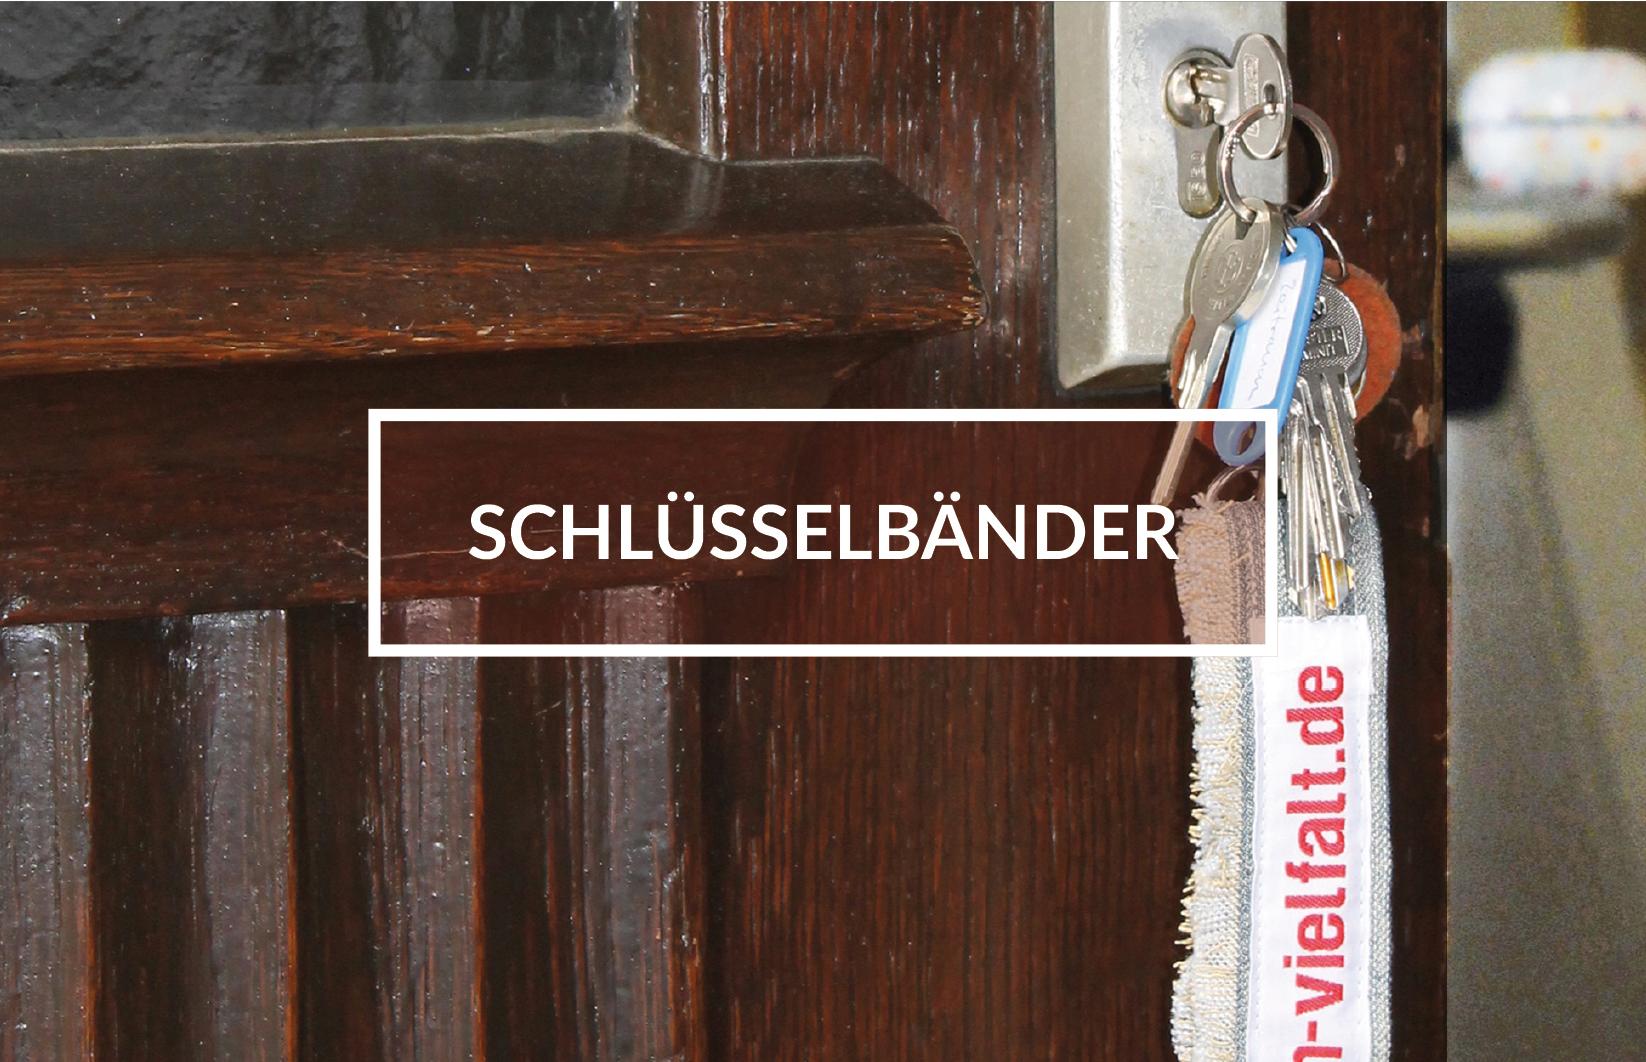 """Geöffnete Tür mit Schlüssel im Schloss, Schlüsselband mit der Aufschrift:""""vielfalt.de"""". In der Mitte des Bildes weiß gerahmter Kasten mit dem Schriftzug: """"Schlüsselbänder""""."""